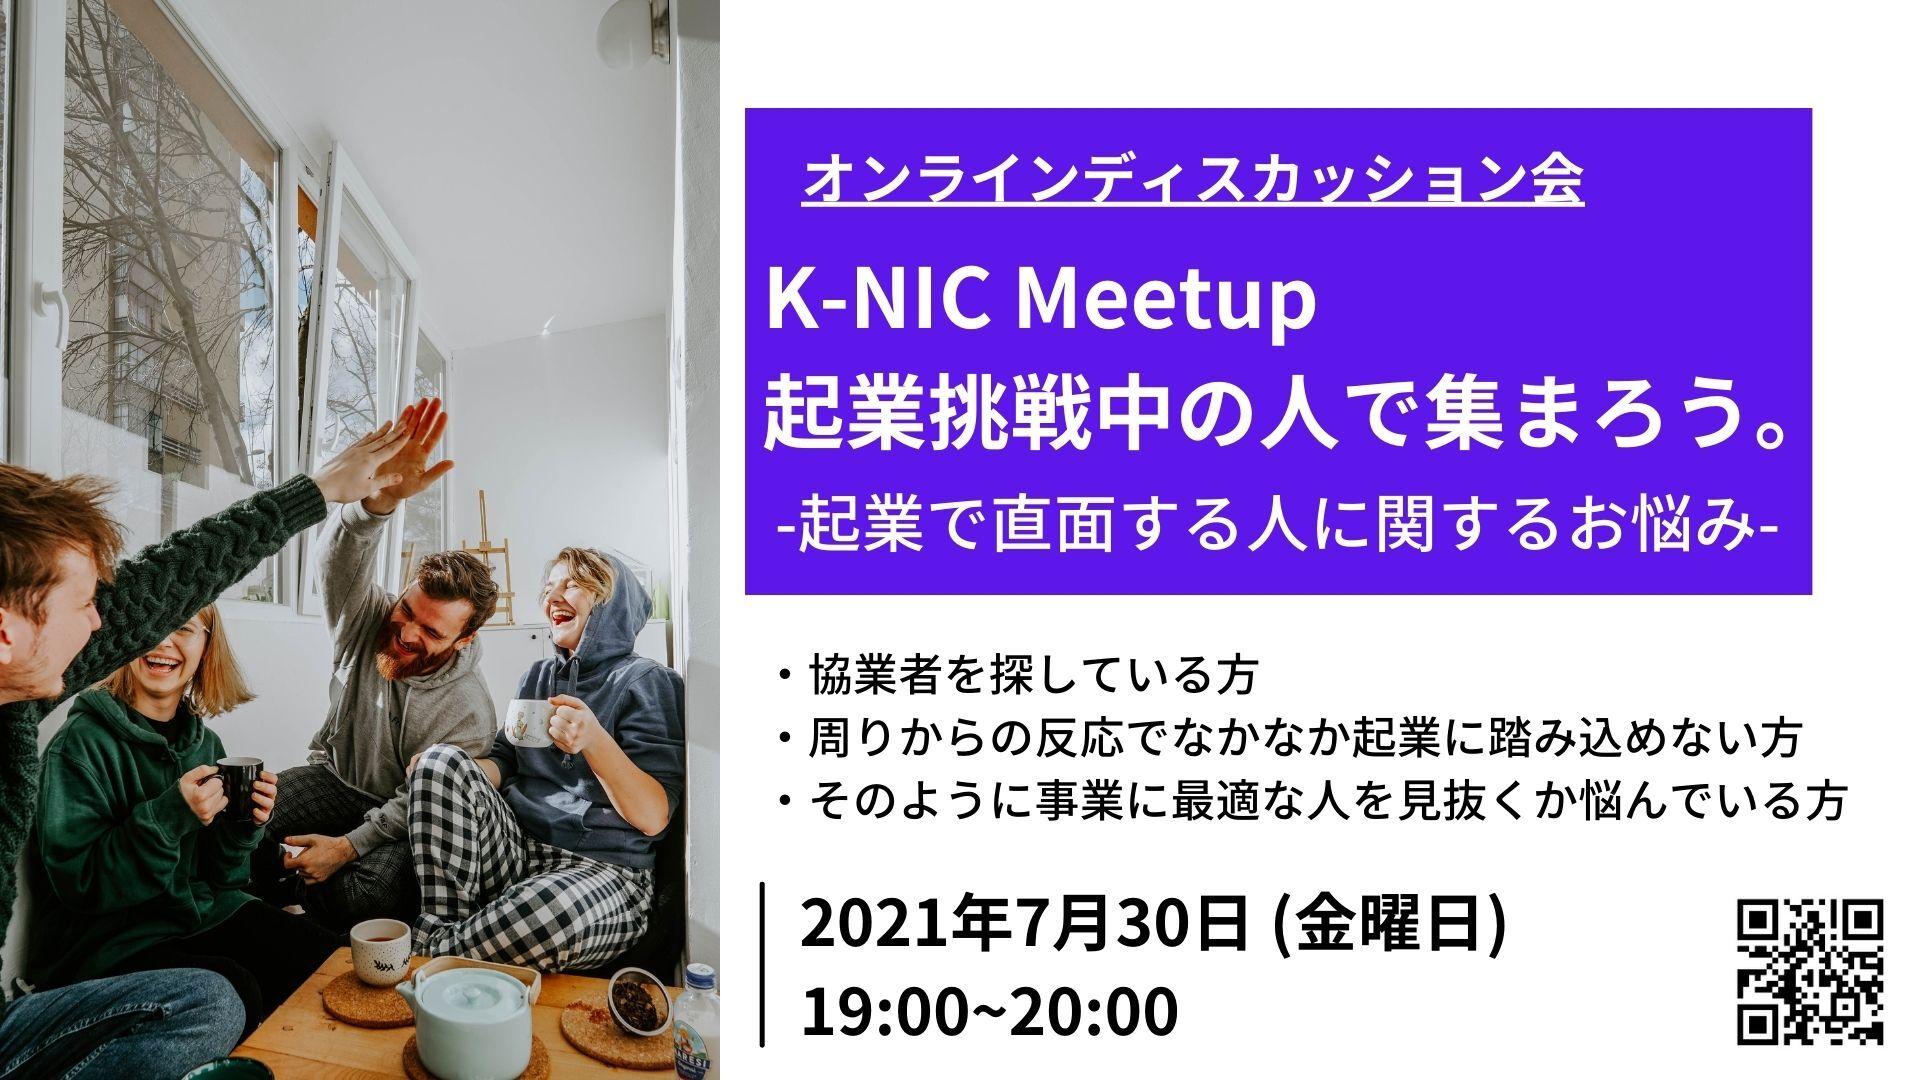 【7/30開催】 K-NIC Meetup 起業挑戦中の人で集まろう